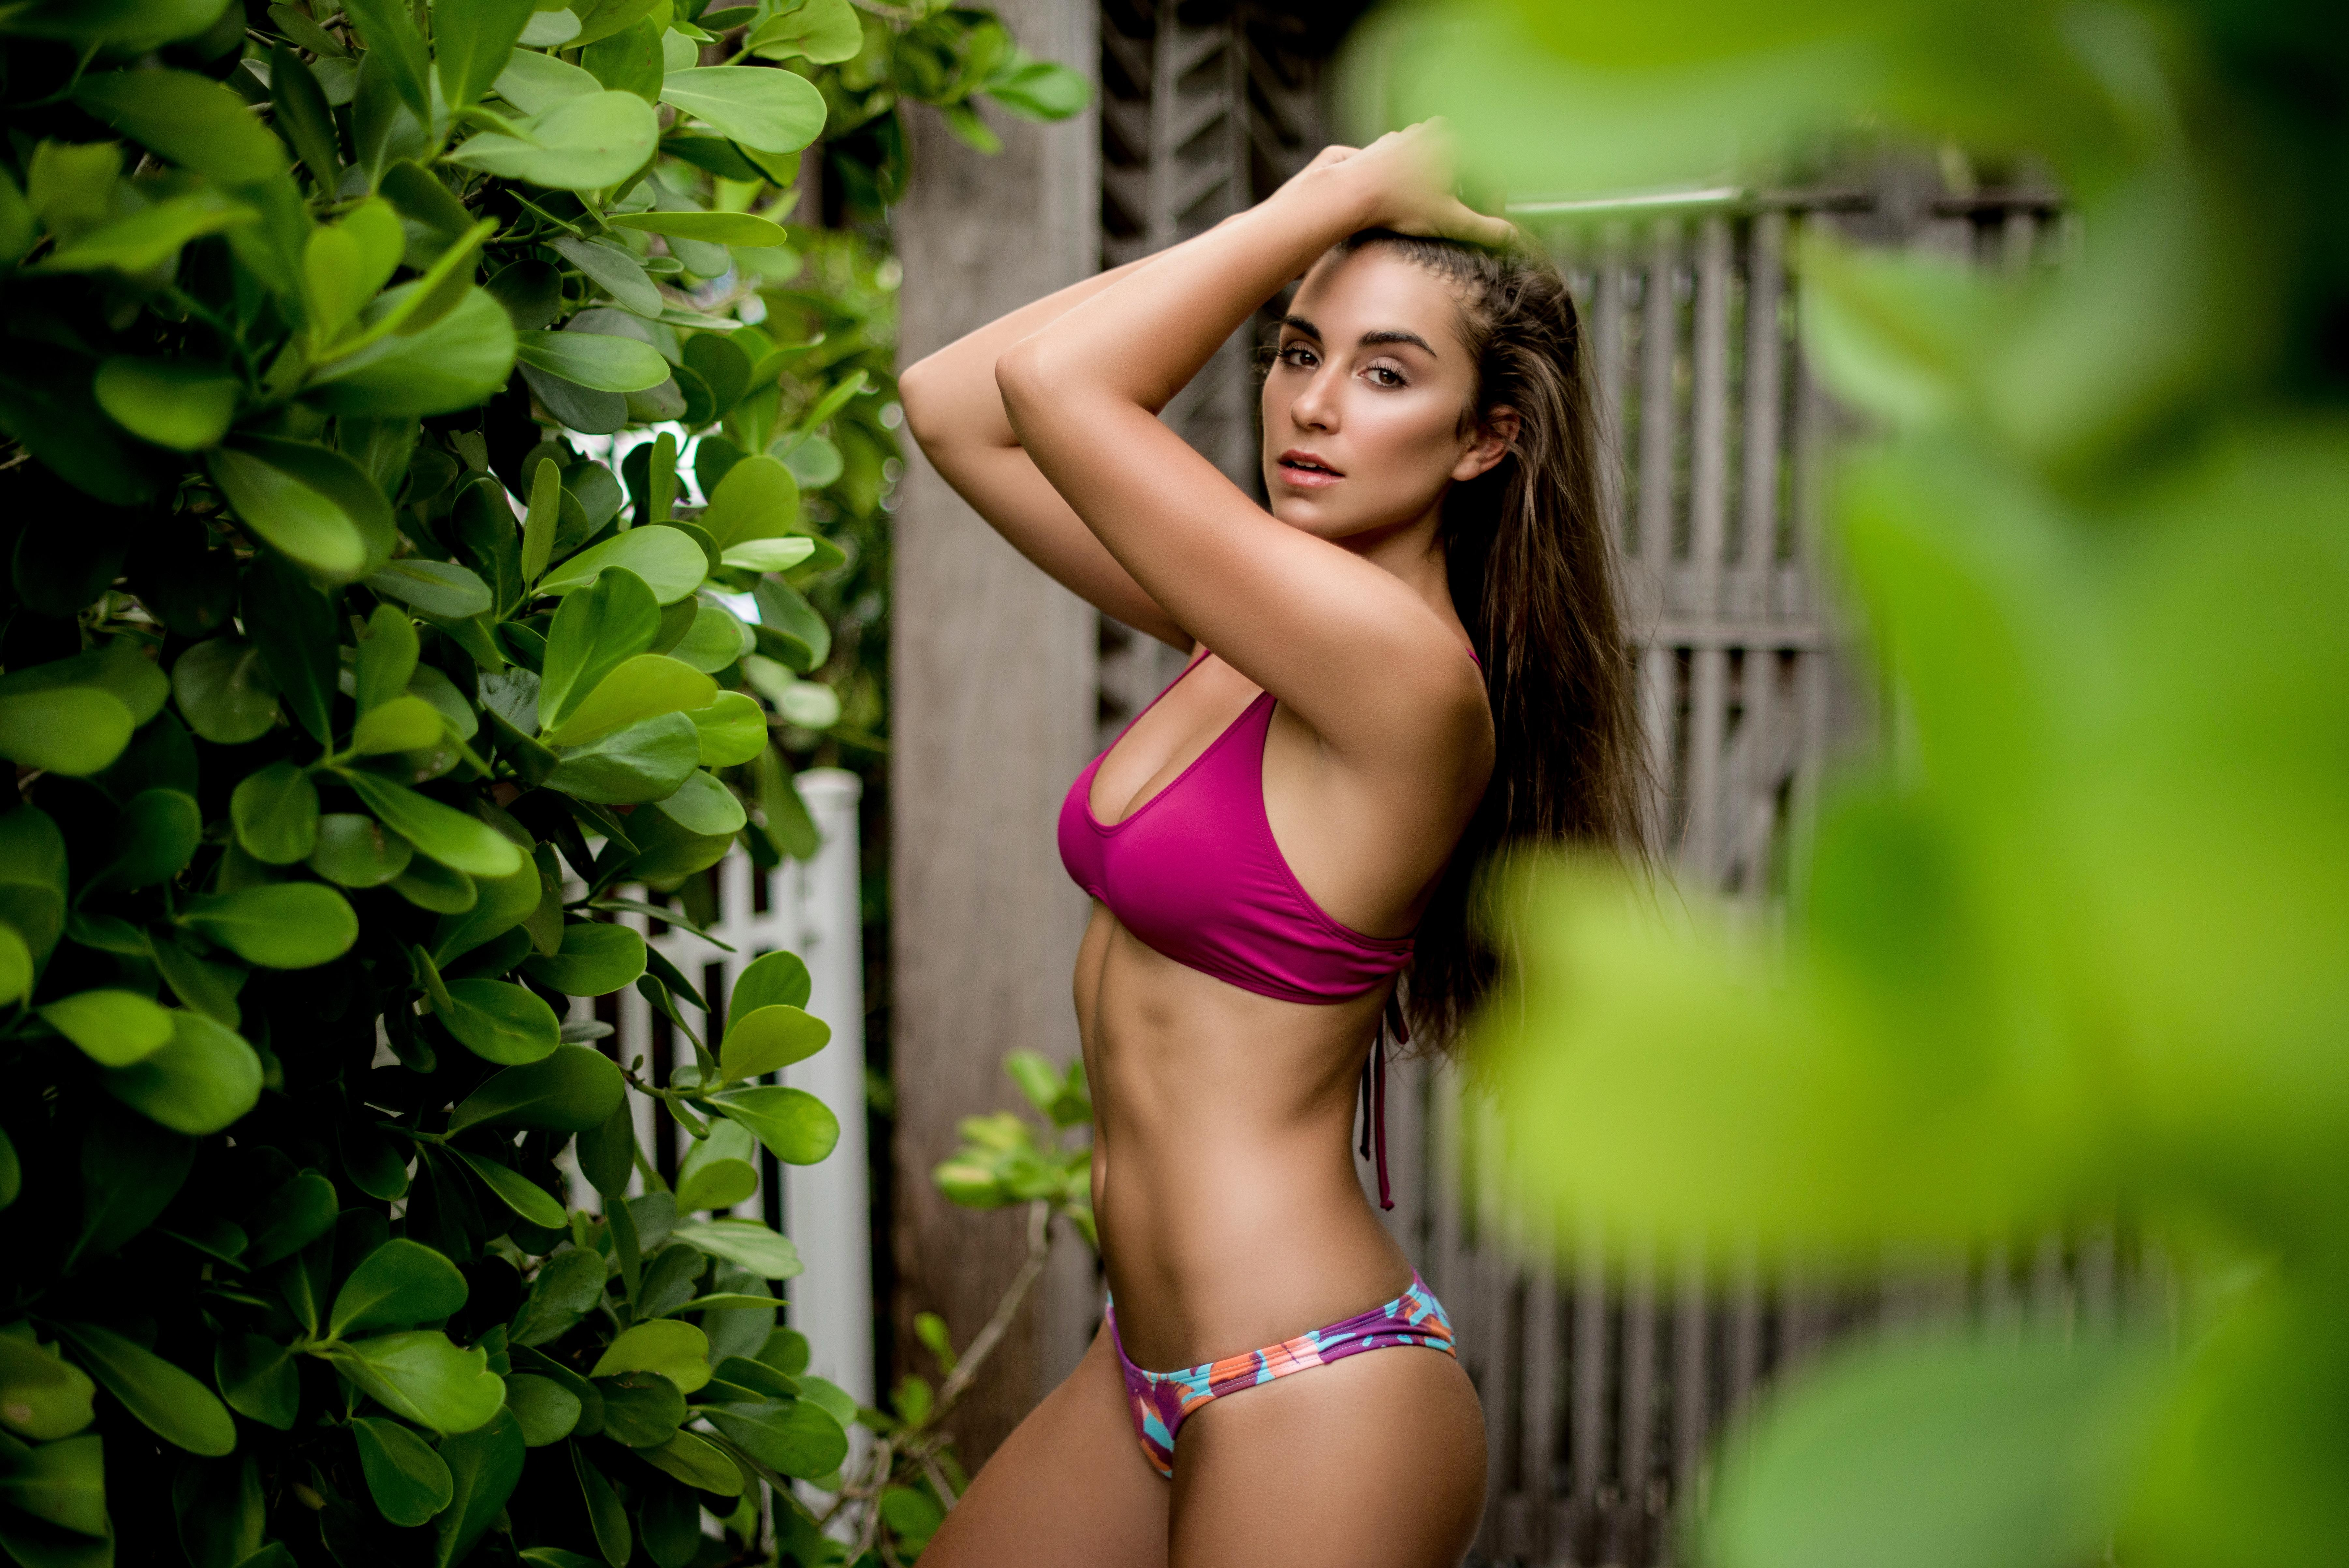 People 7208x4811 Dani Dikeman women tanned portrait swimwear belly women outdoors hands on head